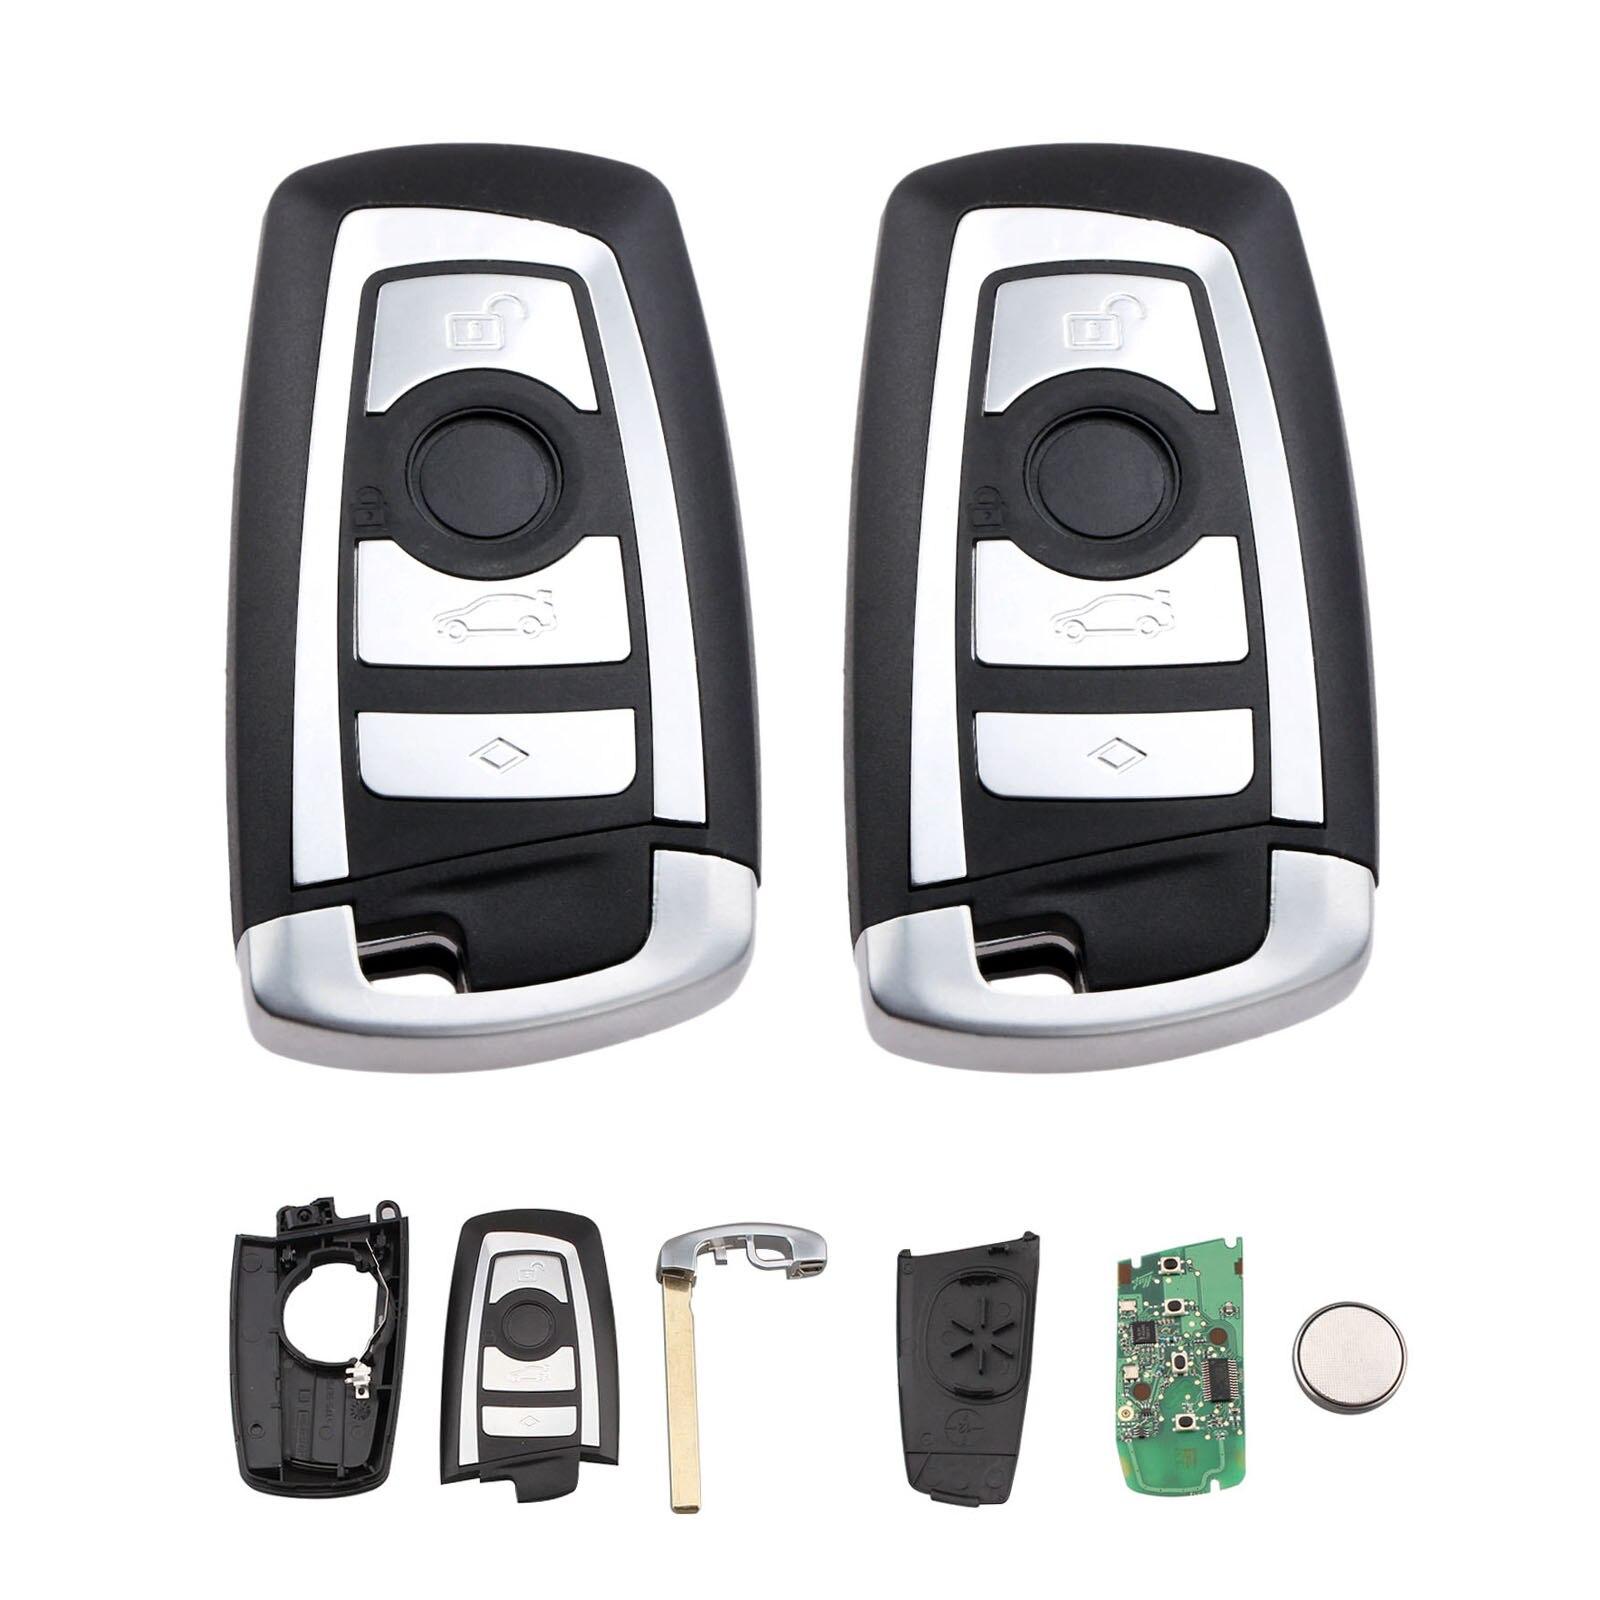 Yetaha 2 pièces De Voiture À Distance Clé 315 MHz ID44 Puce Pour BMW 1 3 5 7 Série CAS4 CAS4 + 4 Boutons Sans Clé Transpondeur Porte-clés